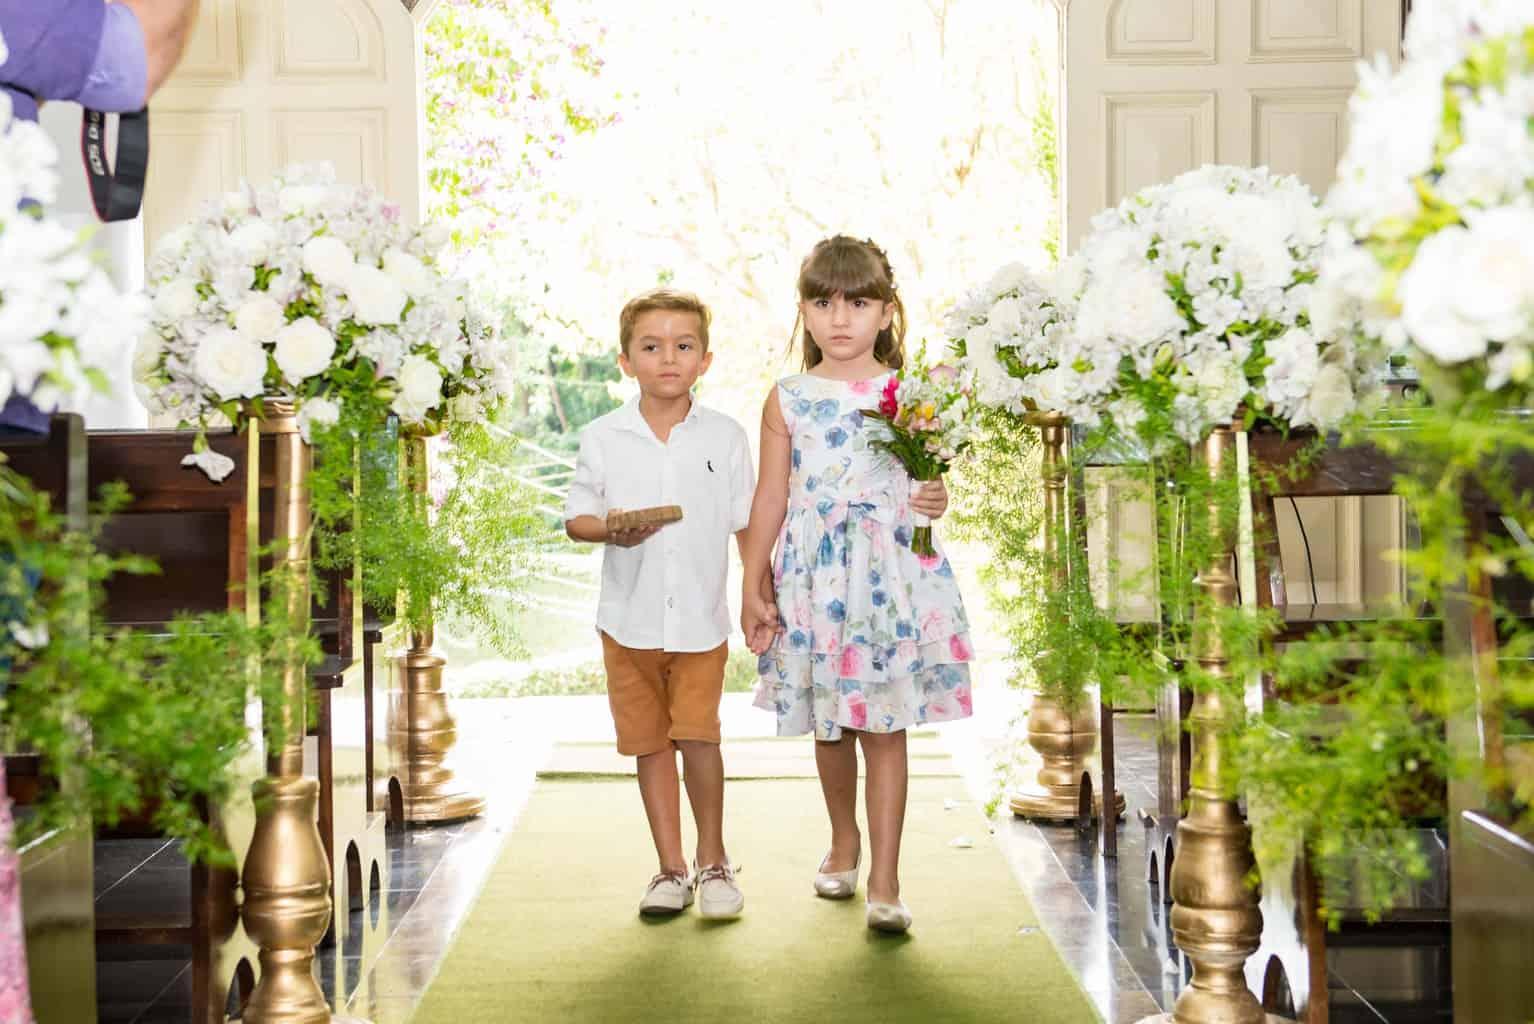 Capela-Santo-Cristo-dos-Milagres-casamento-religioso-Casamento-Roberta-e-Angelo-cerimonia-na-igreja-Danielle-Loureiro26